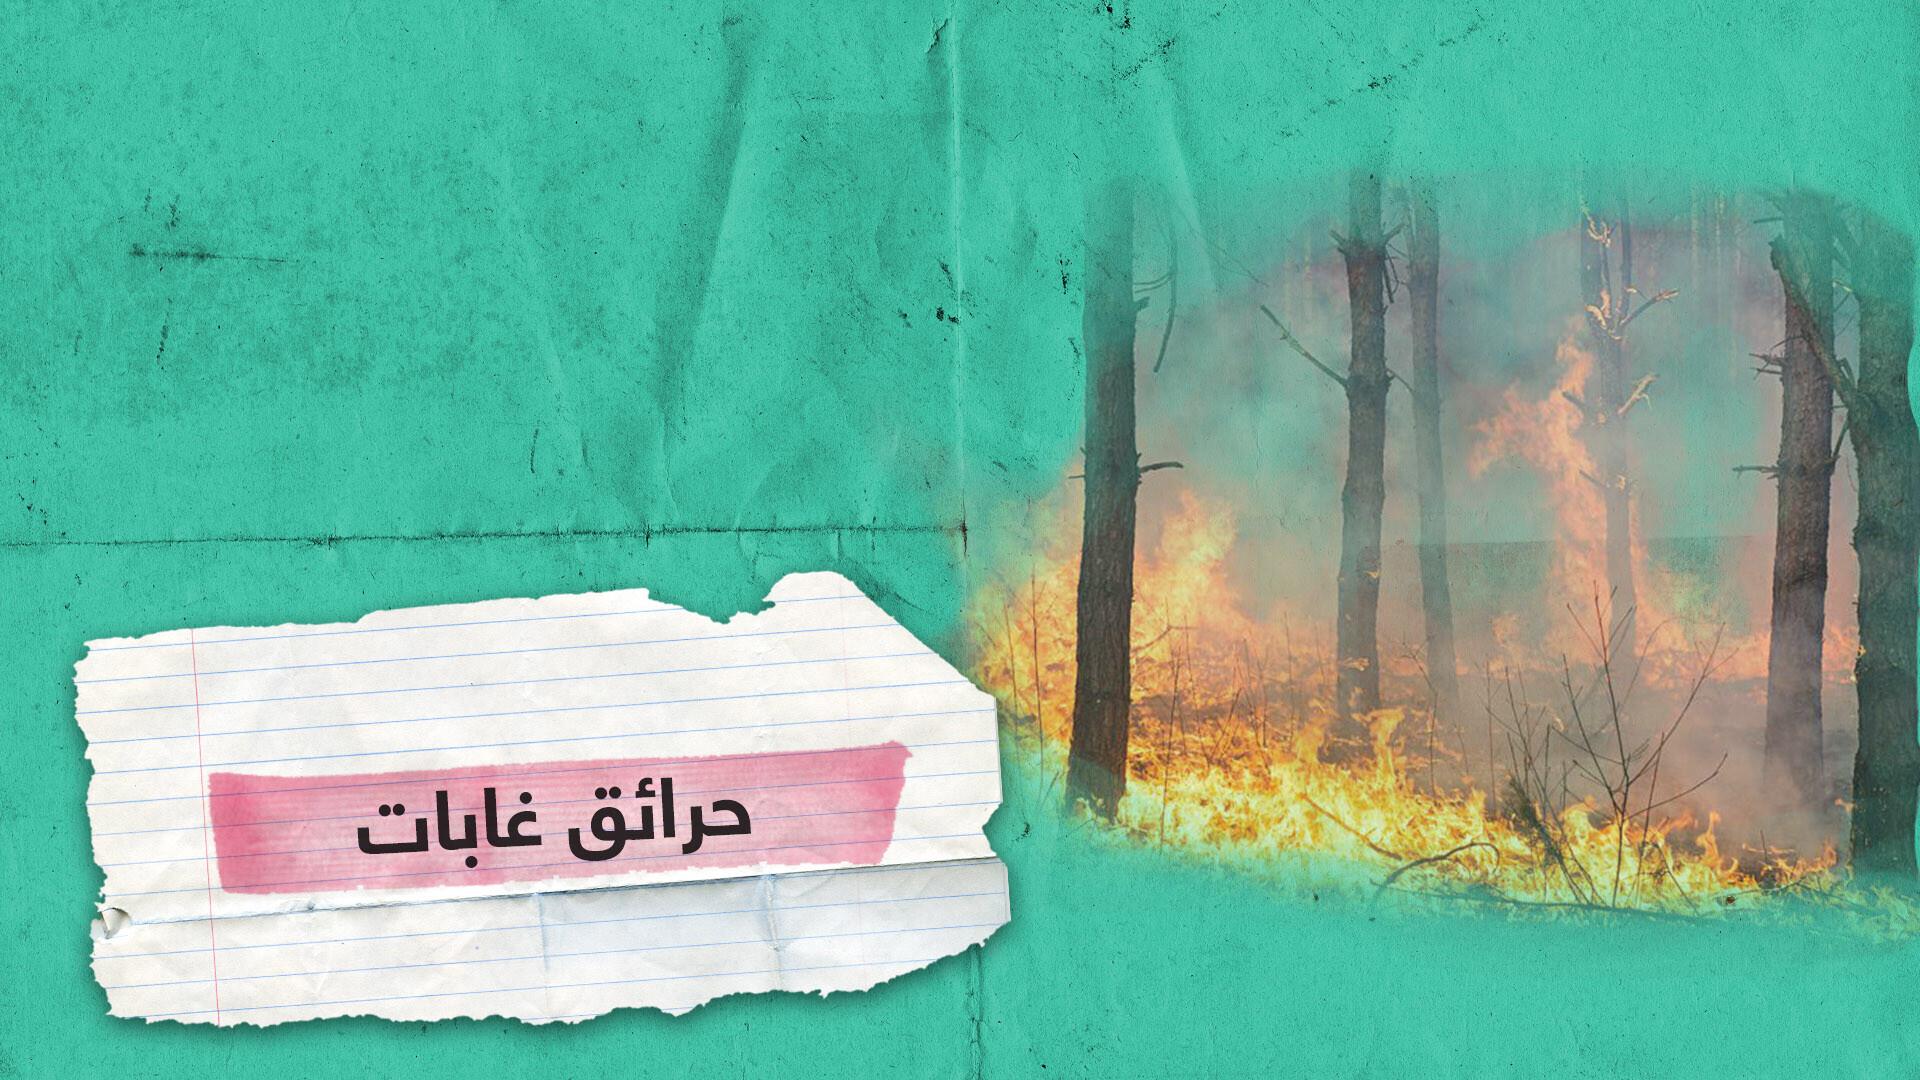 حرائق الغابات في إندونيسيا تحجب الرؤية وتشل حياة الناس